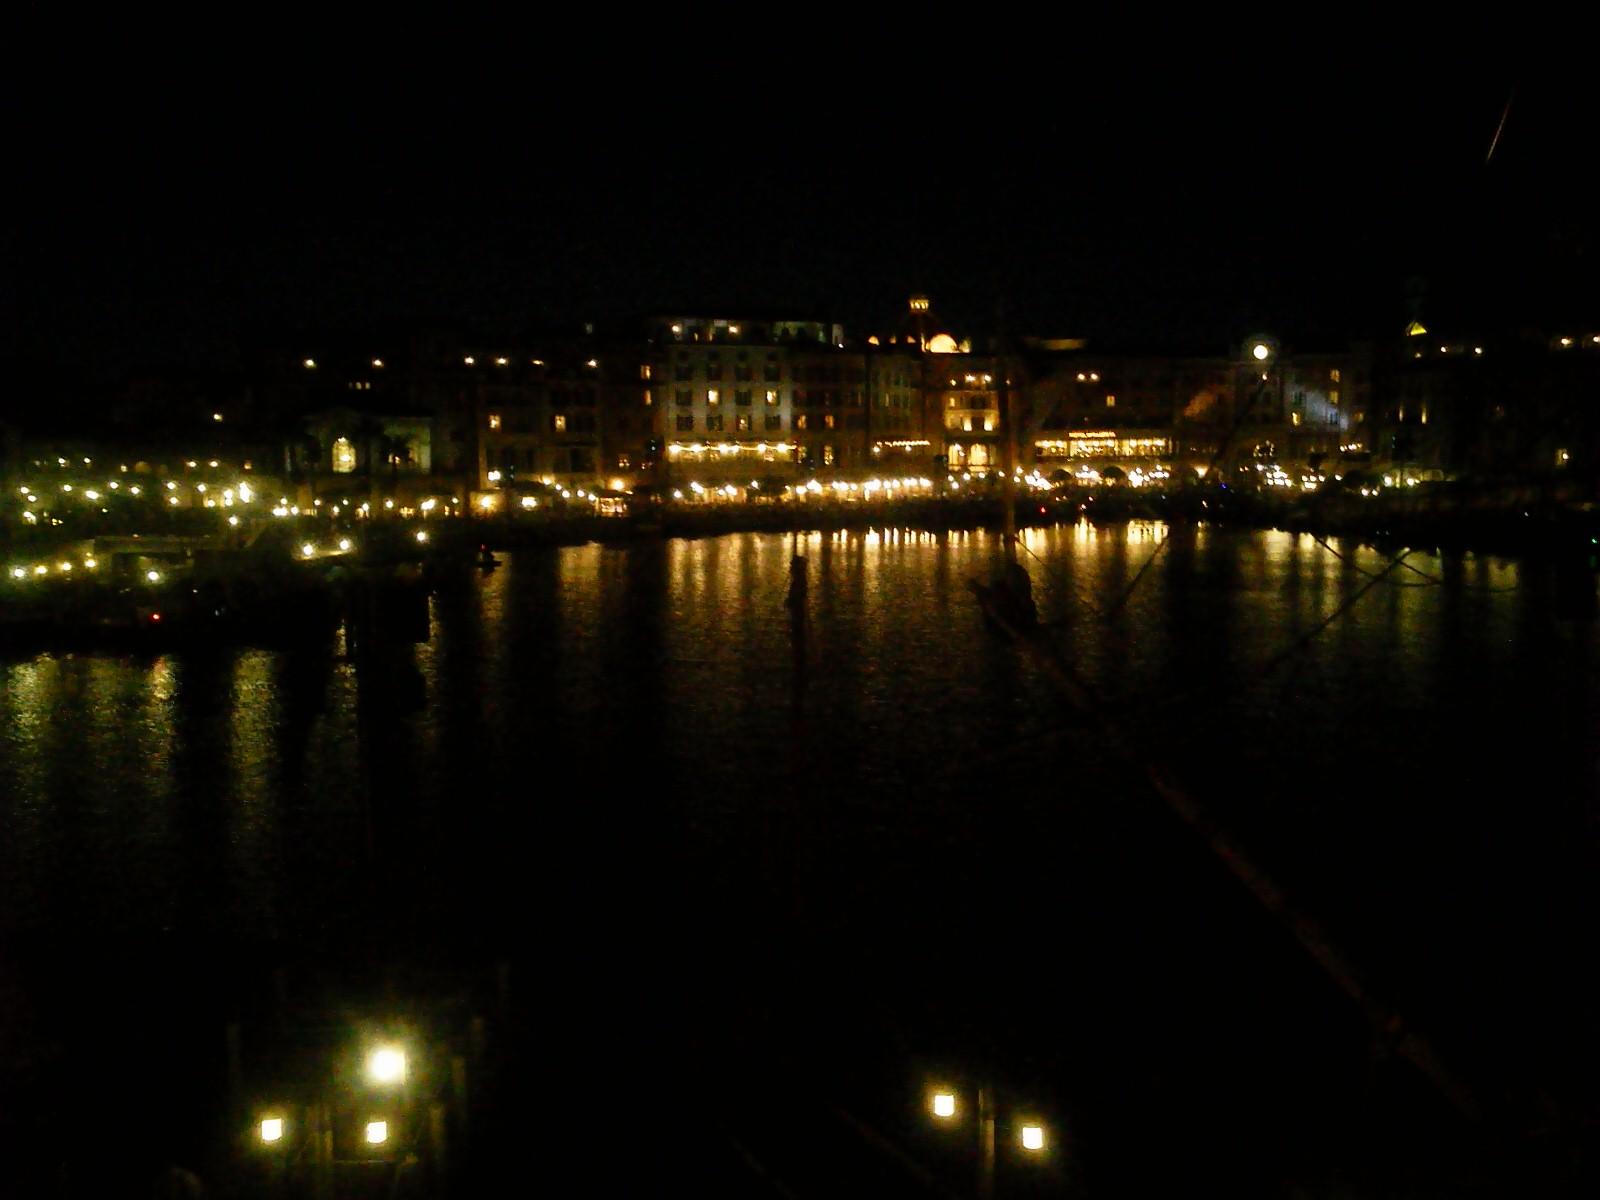 ハーバー夜景